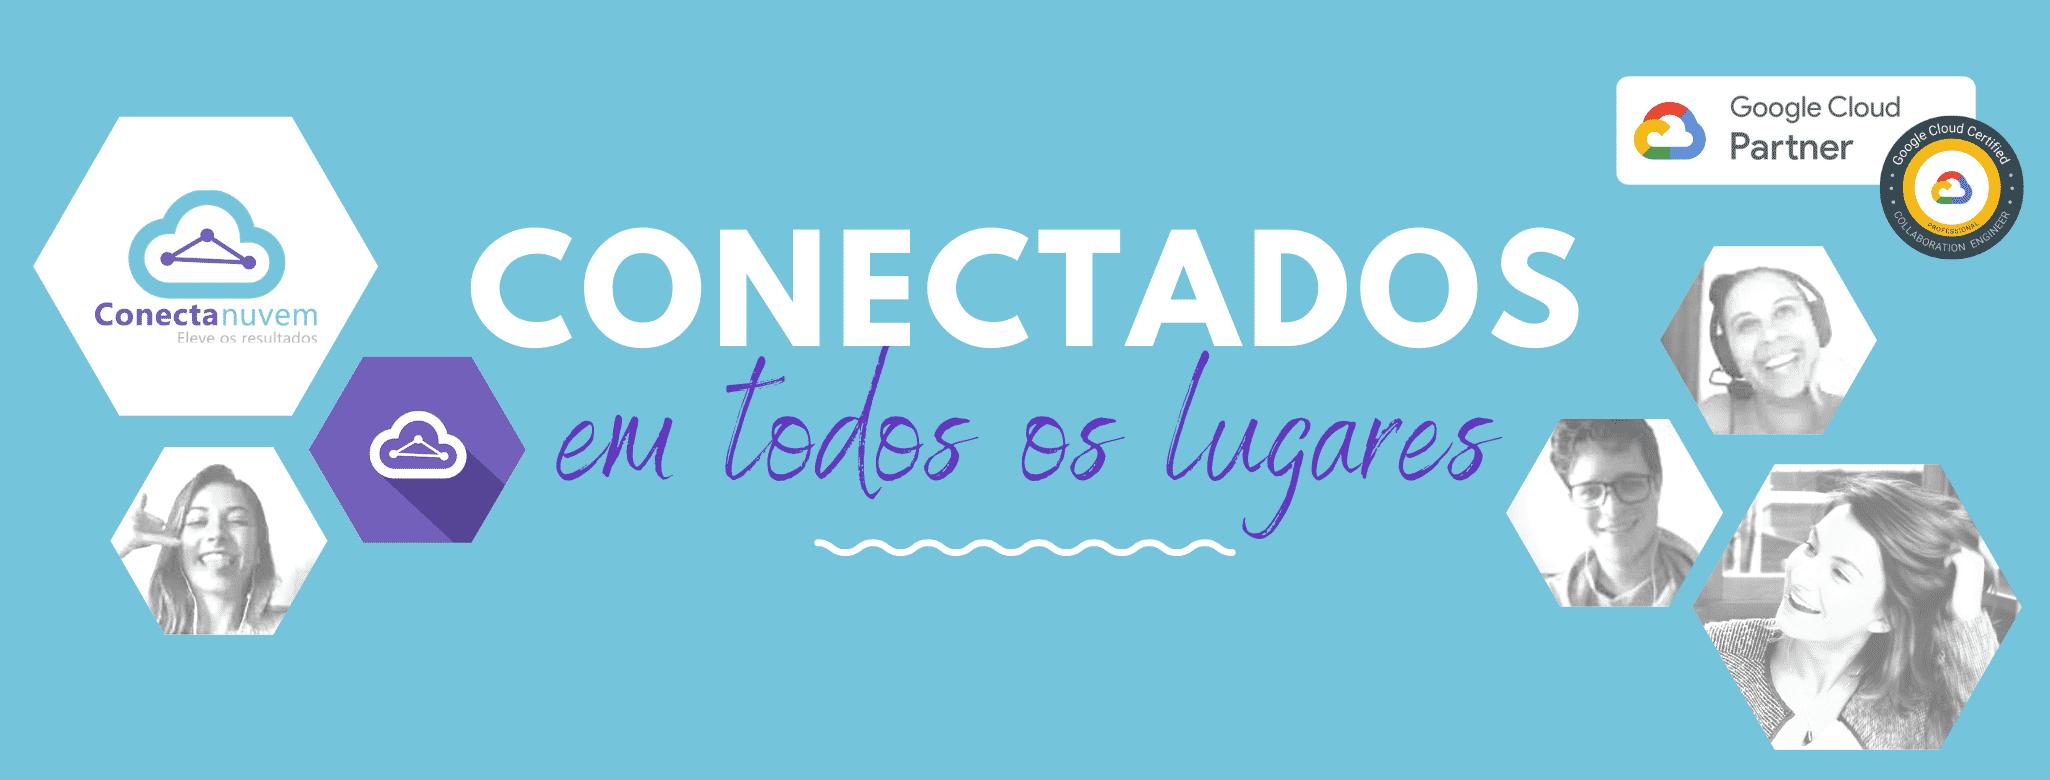 CONECTADOS EM TODOS OS LUGARES